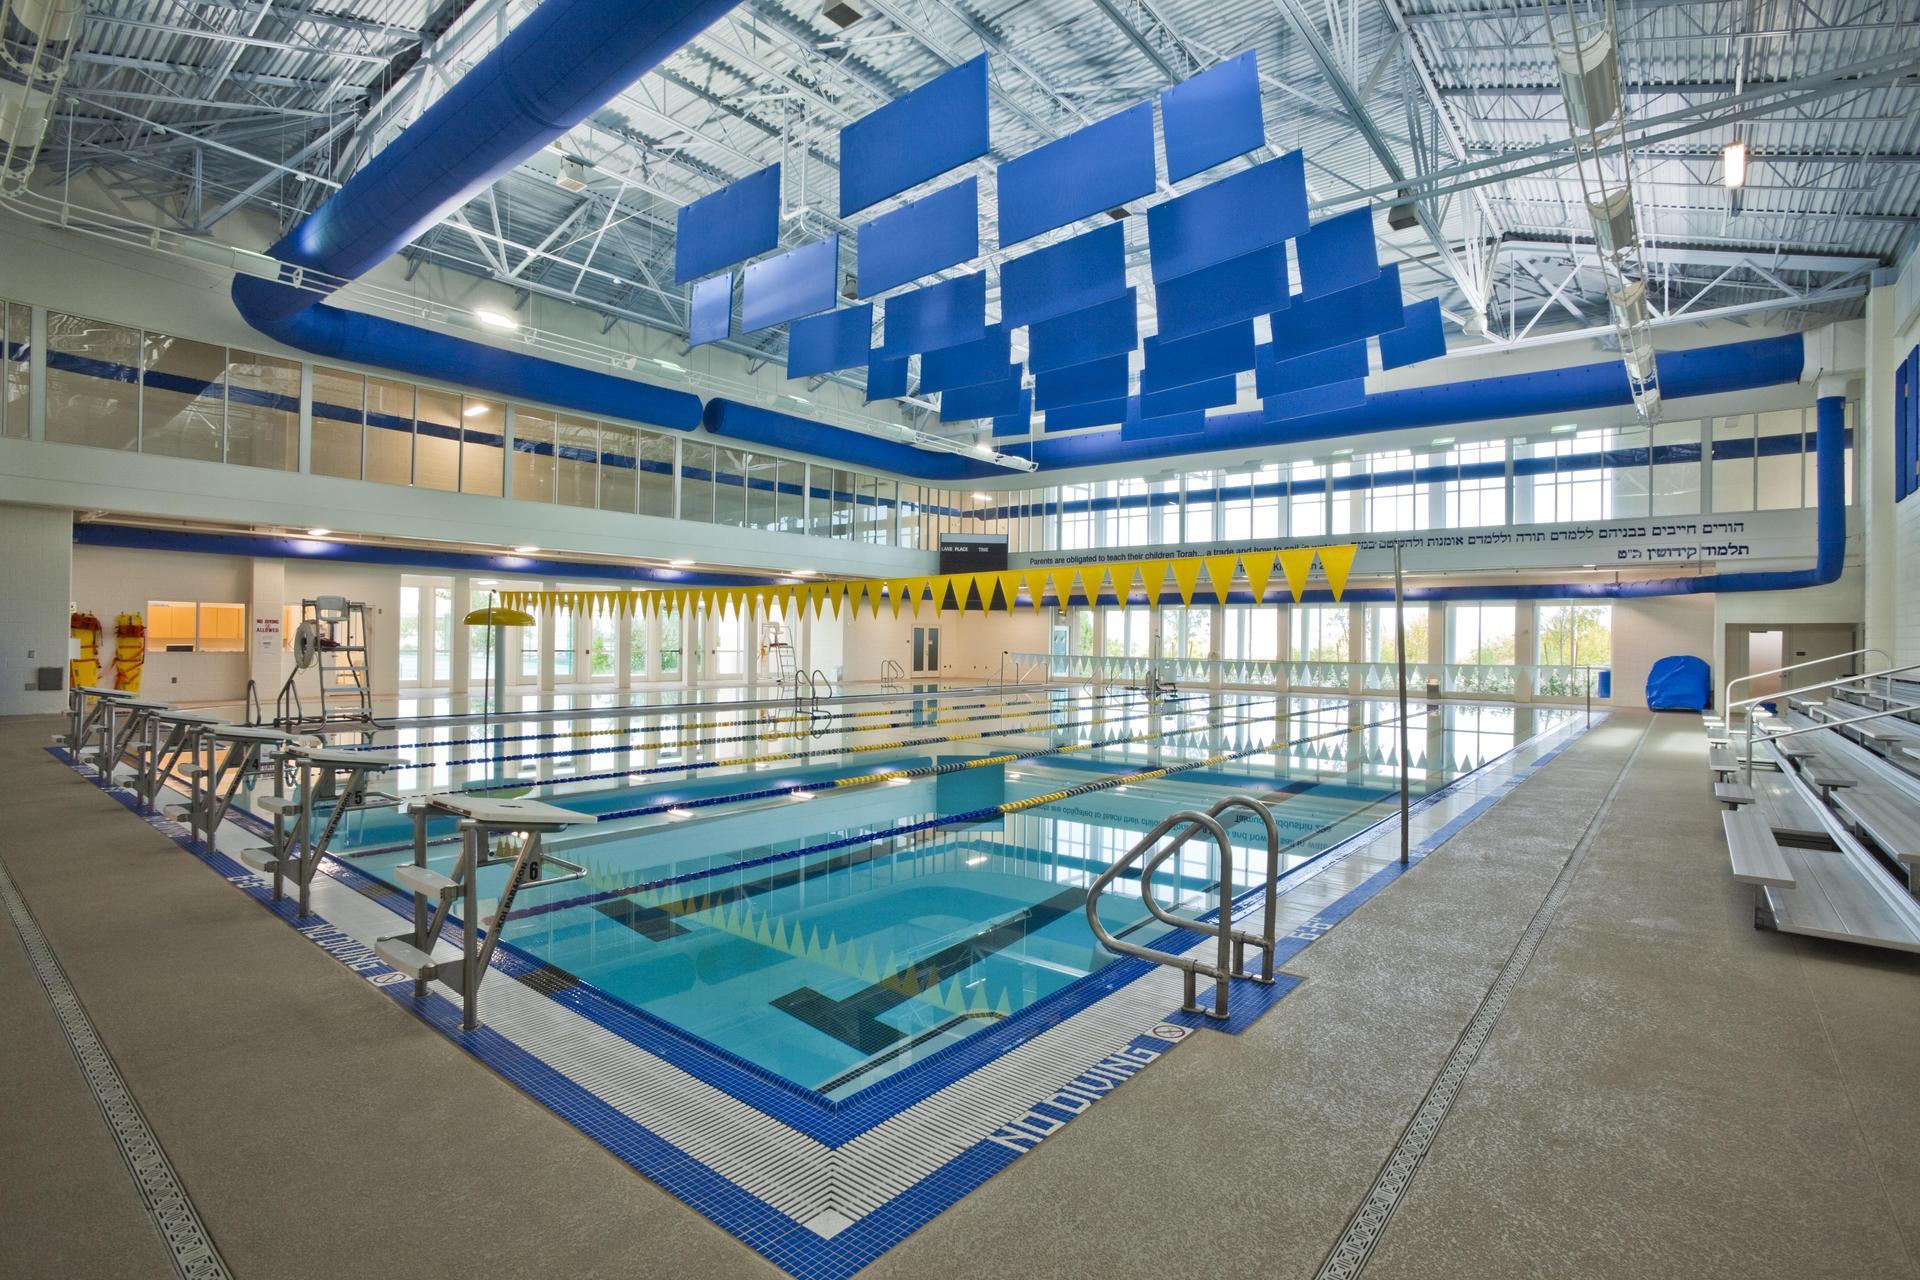 AEC pool